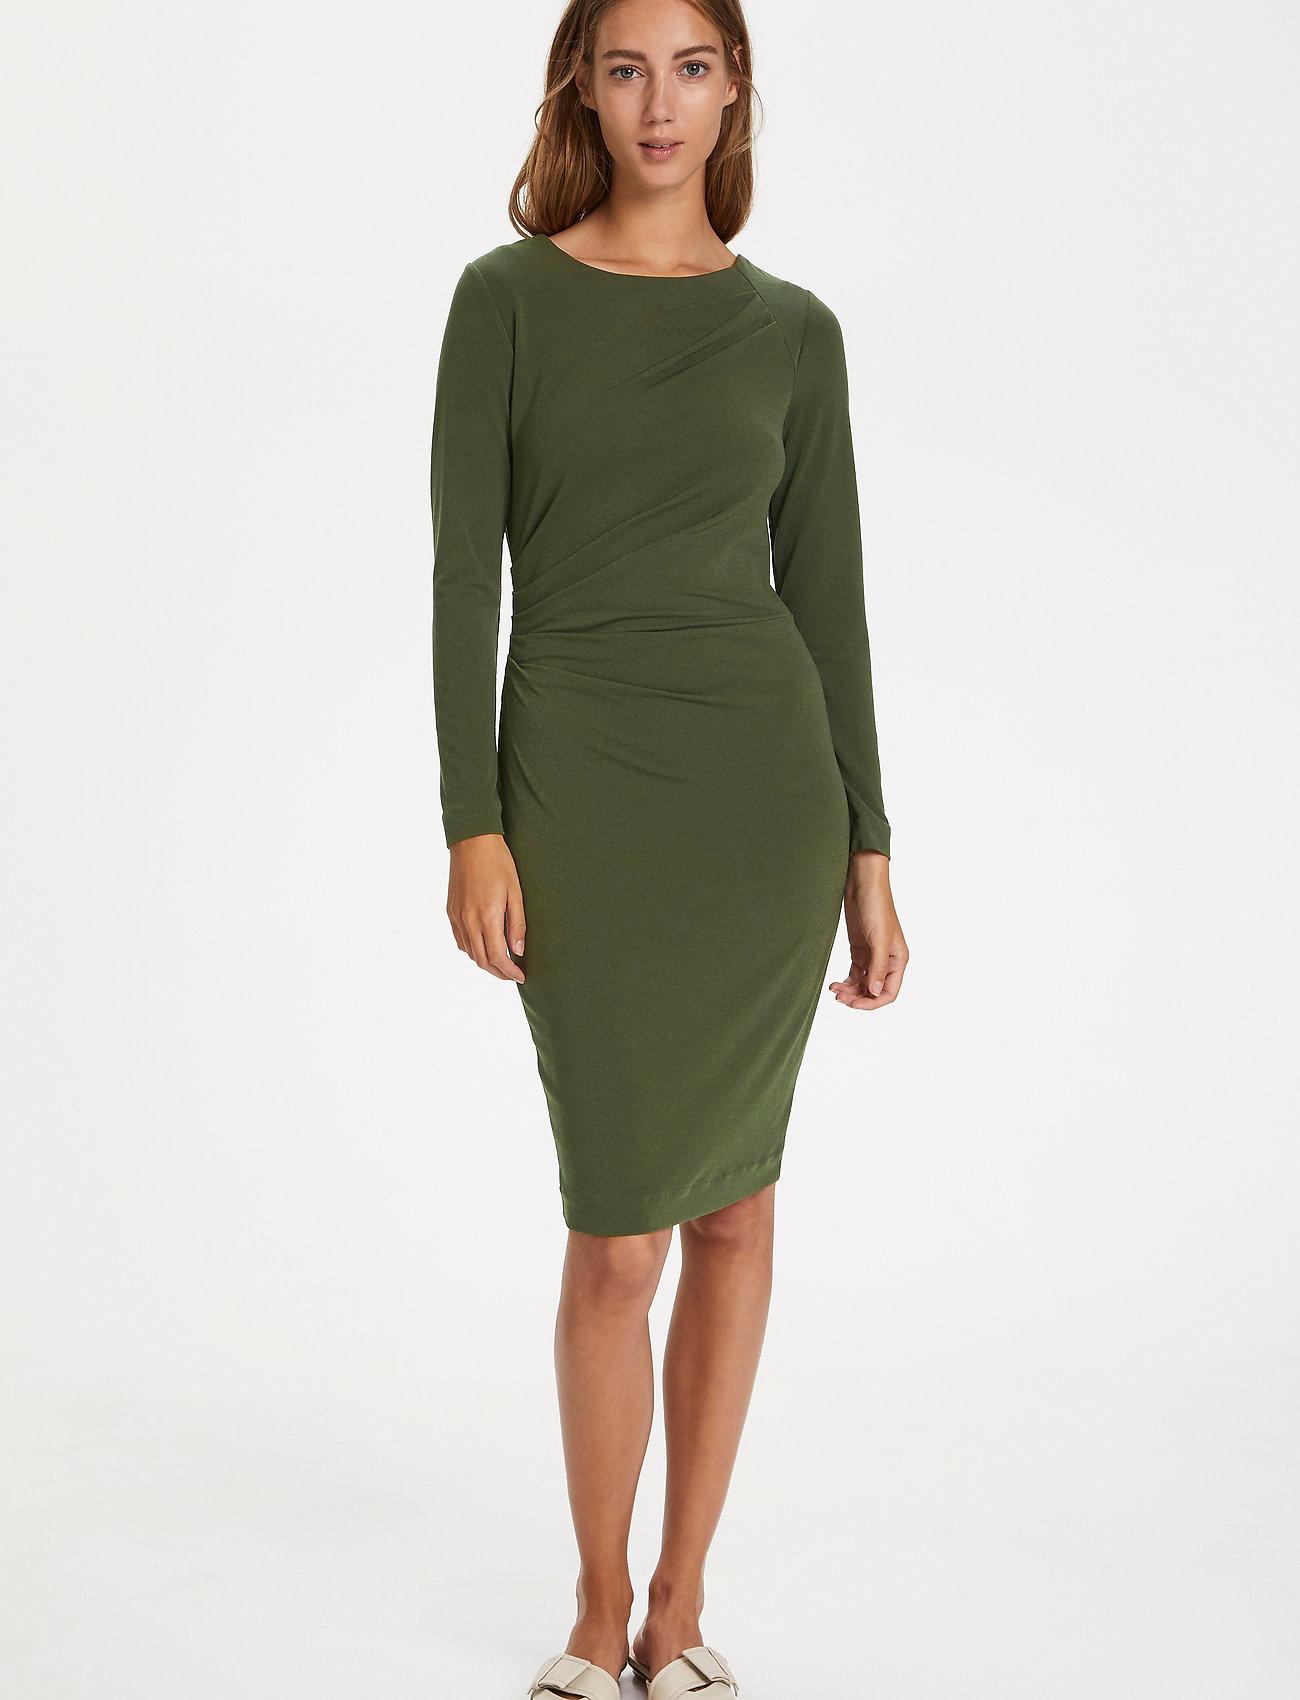 InWear Trude Dress - Kjoler BEETLE GREEN - Dameklær Spesialtilbud